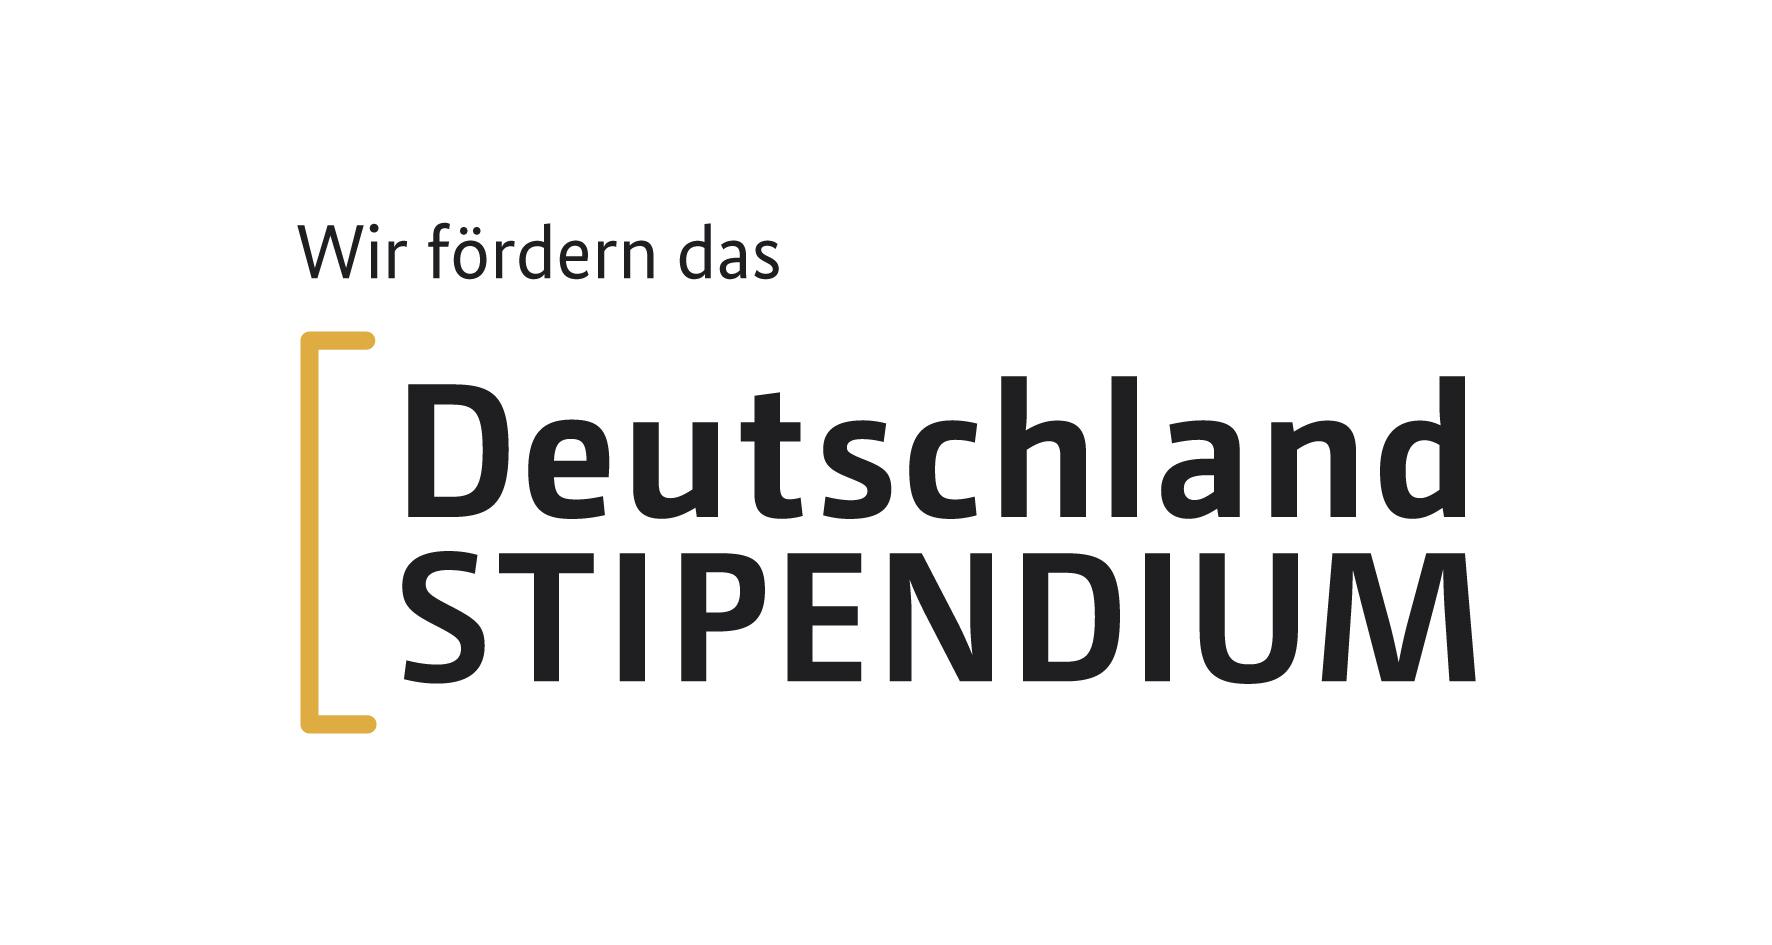 Deutschlandstipendium